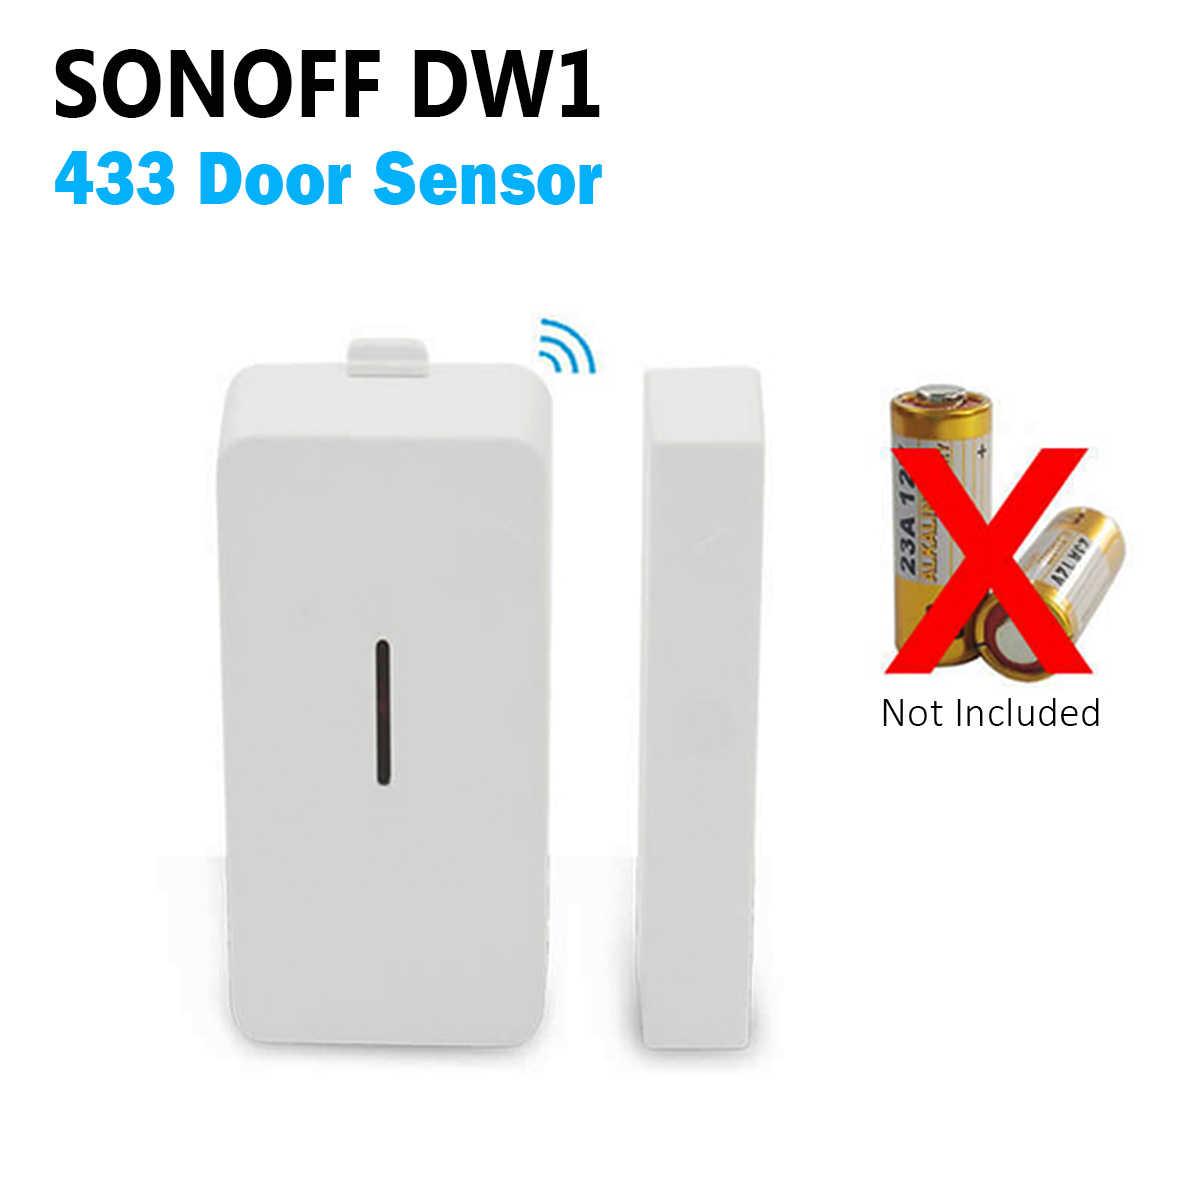 SONOFF DW1 433 Mhz interruptor del Sensor de la ventana de la puerta Módulos de Automatización inalámbricos compatibles con el puente RF para la seguridad de la alarma del hogar inteligente